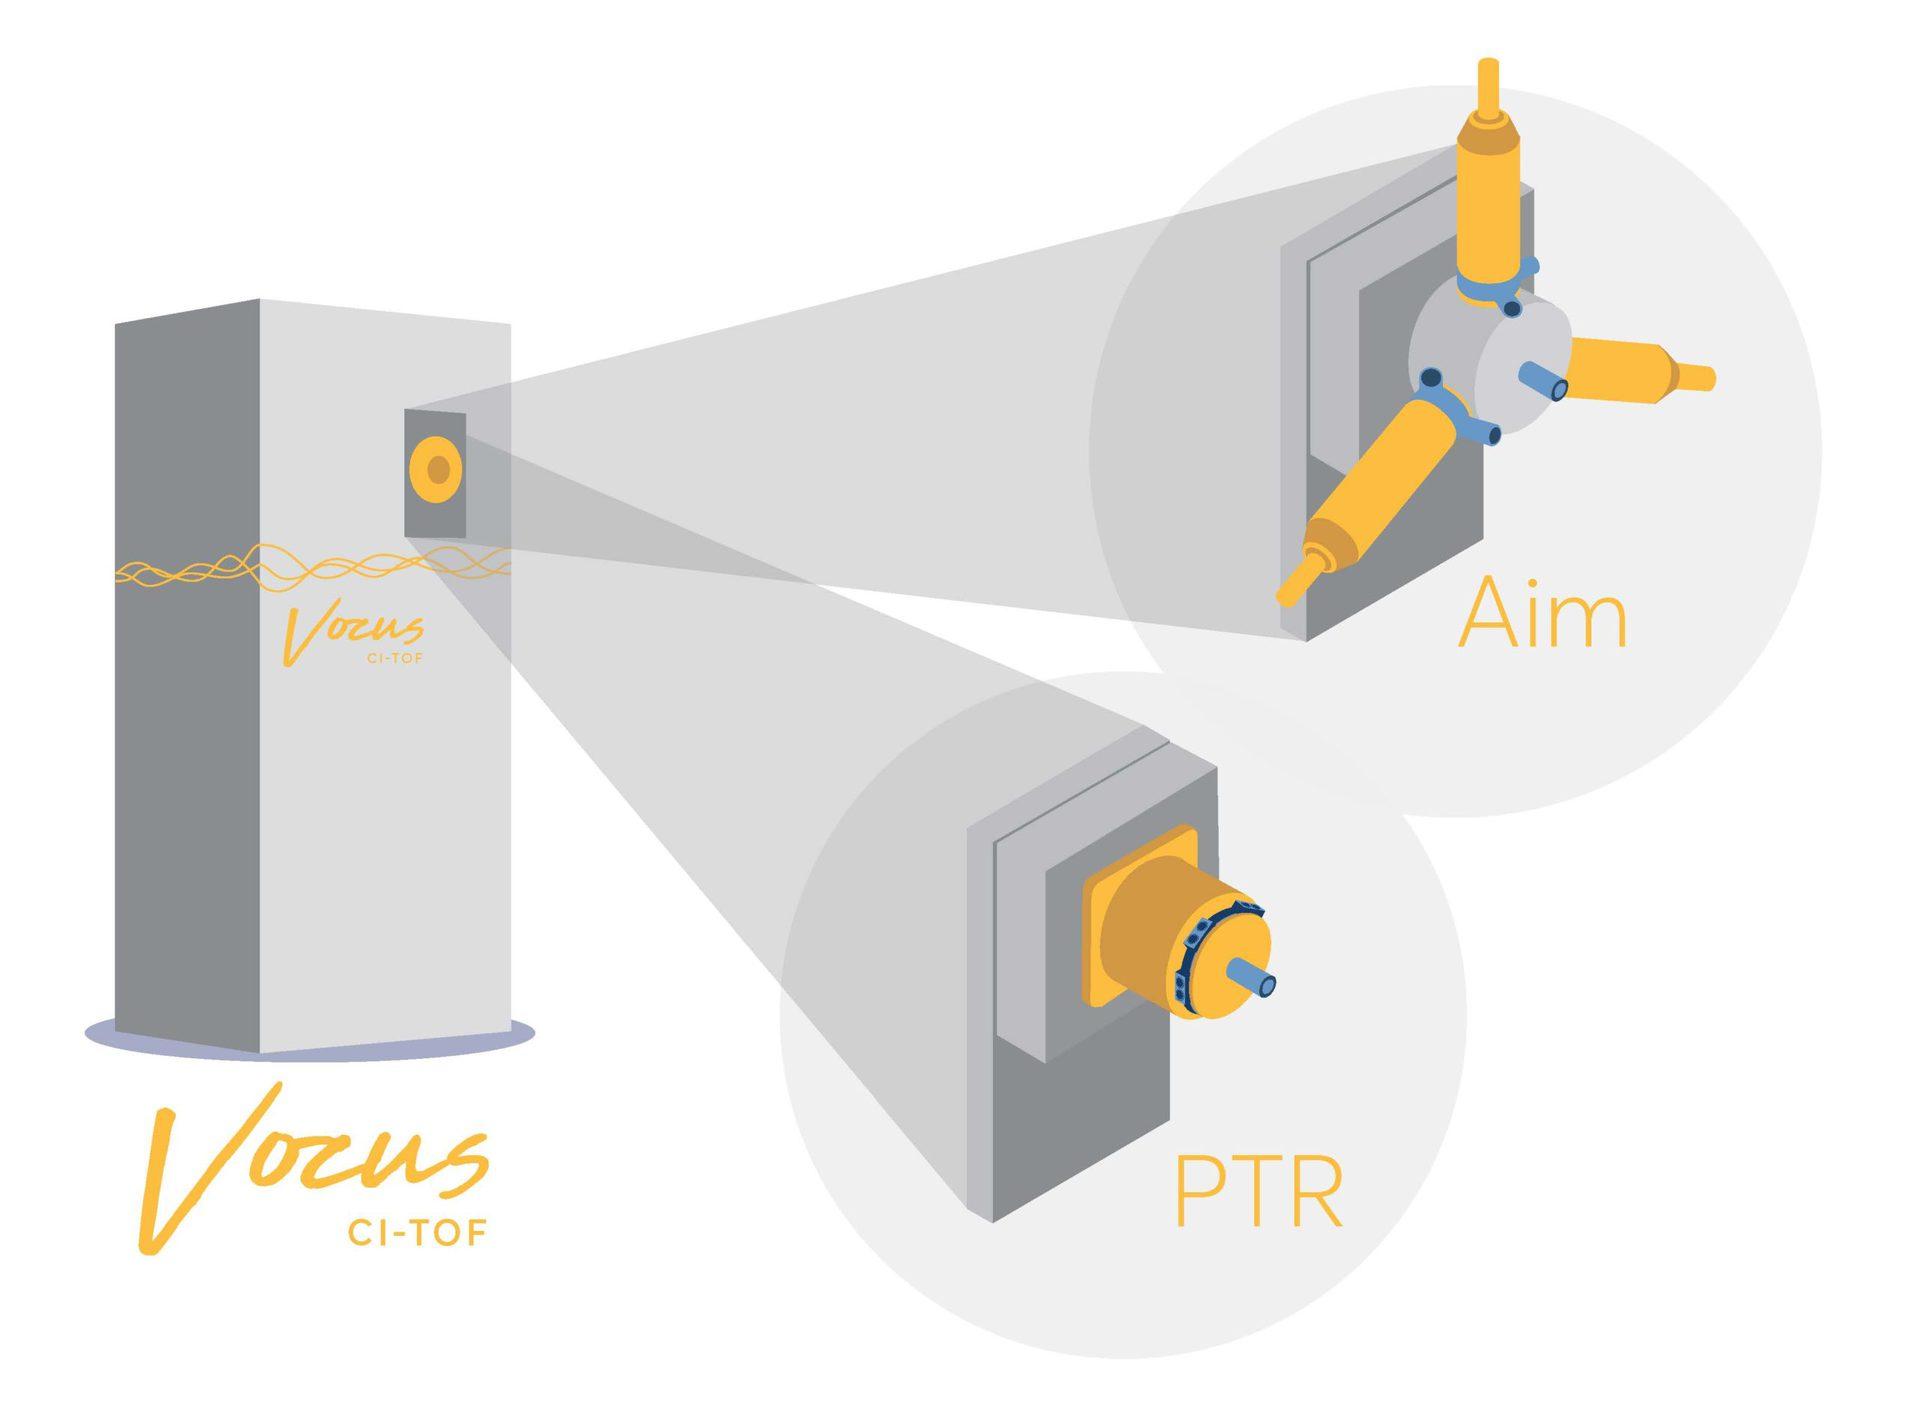 Vocus CI-TOF Reactors